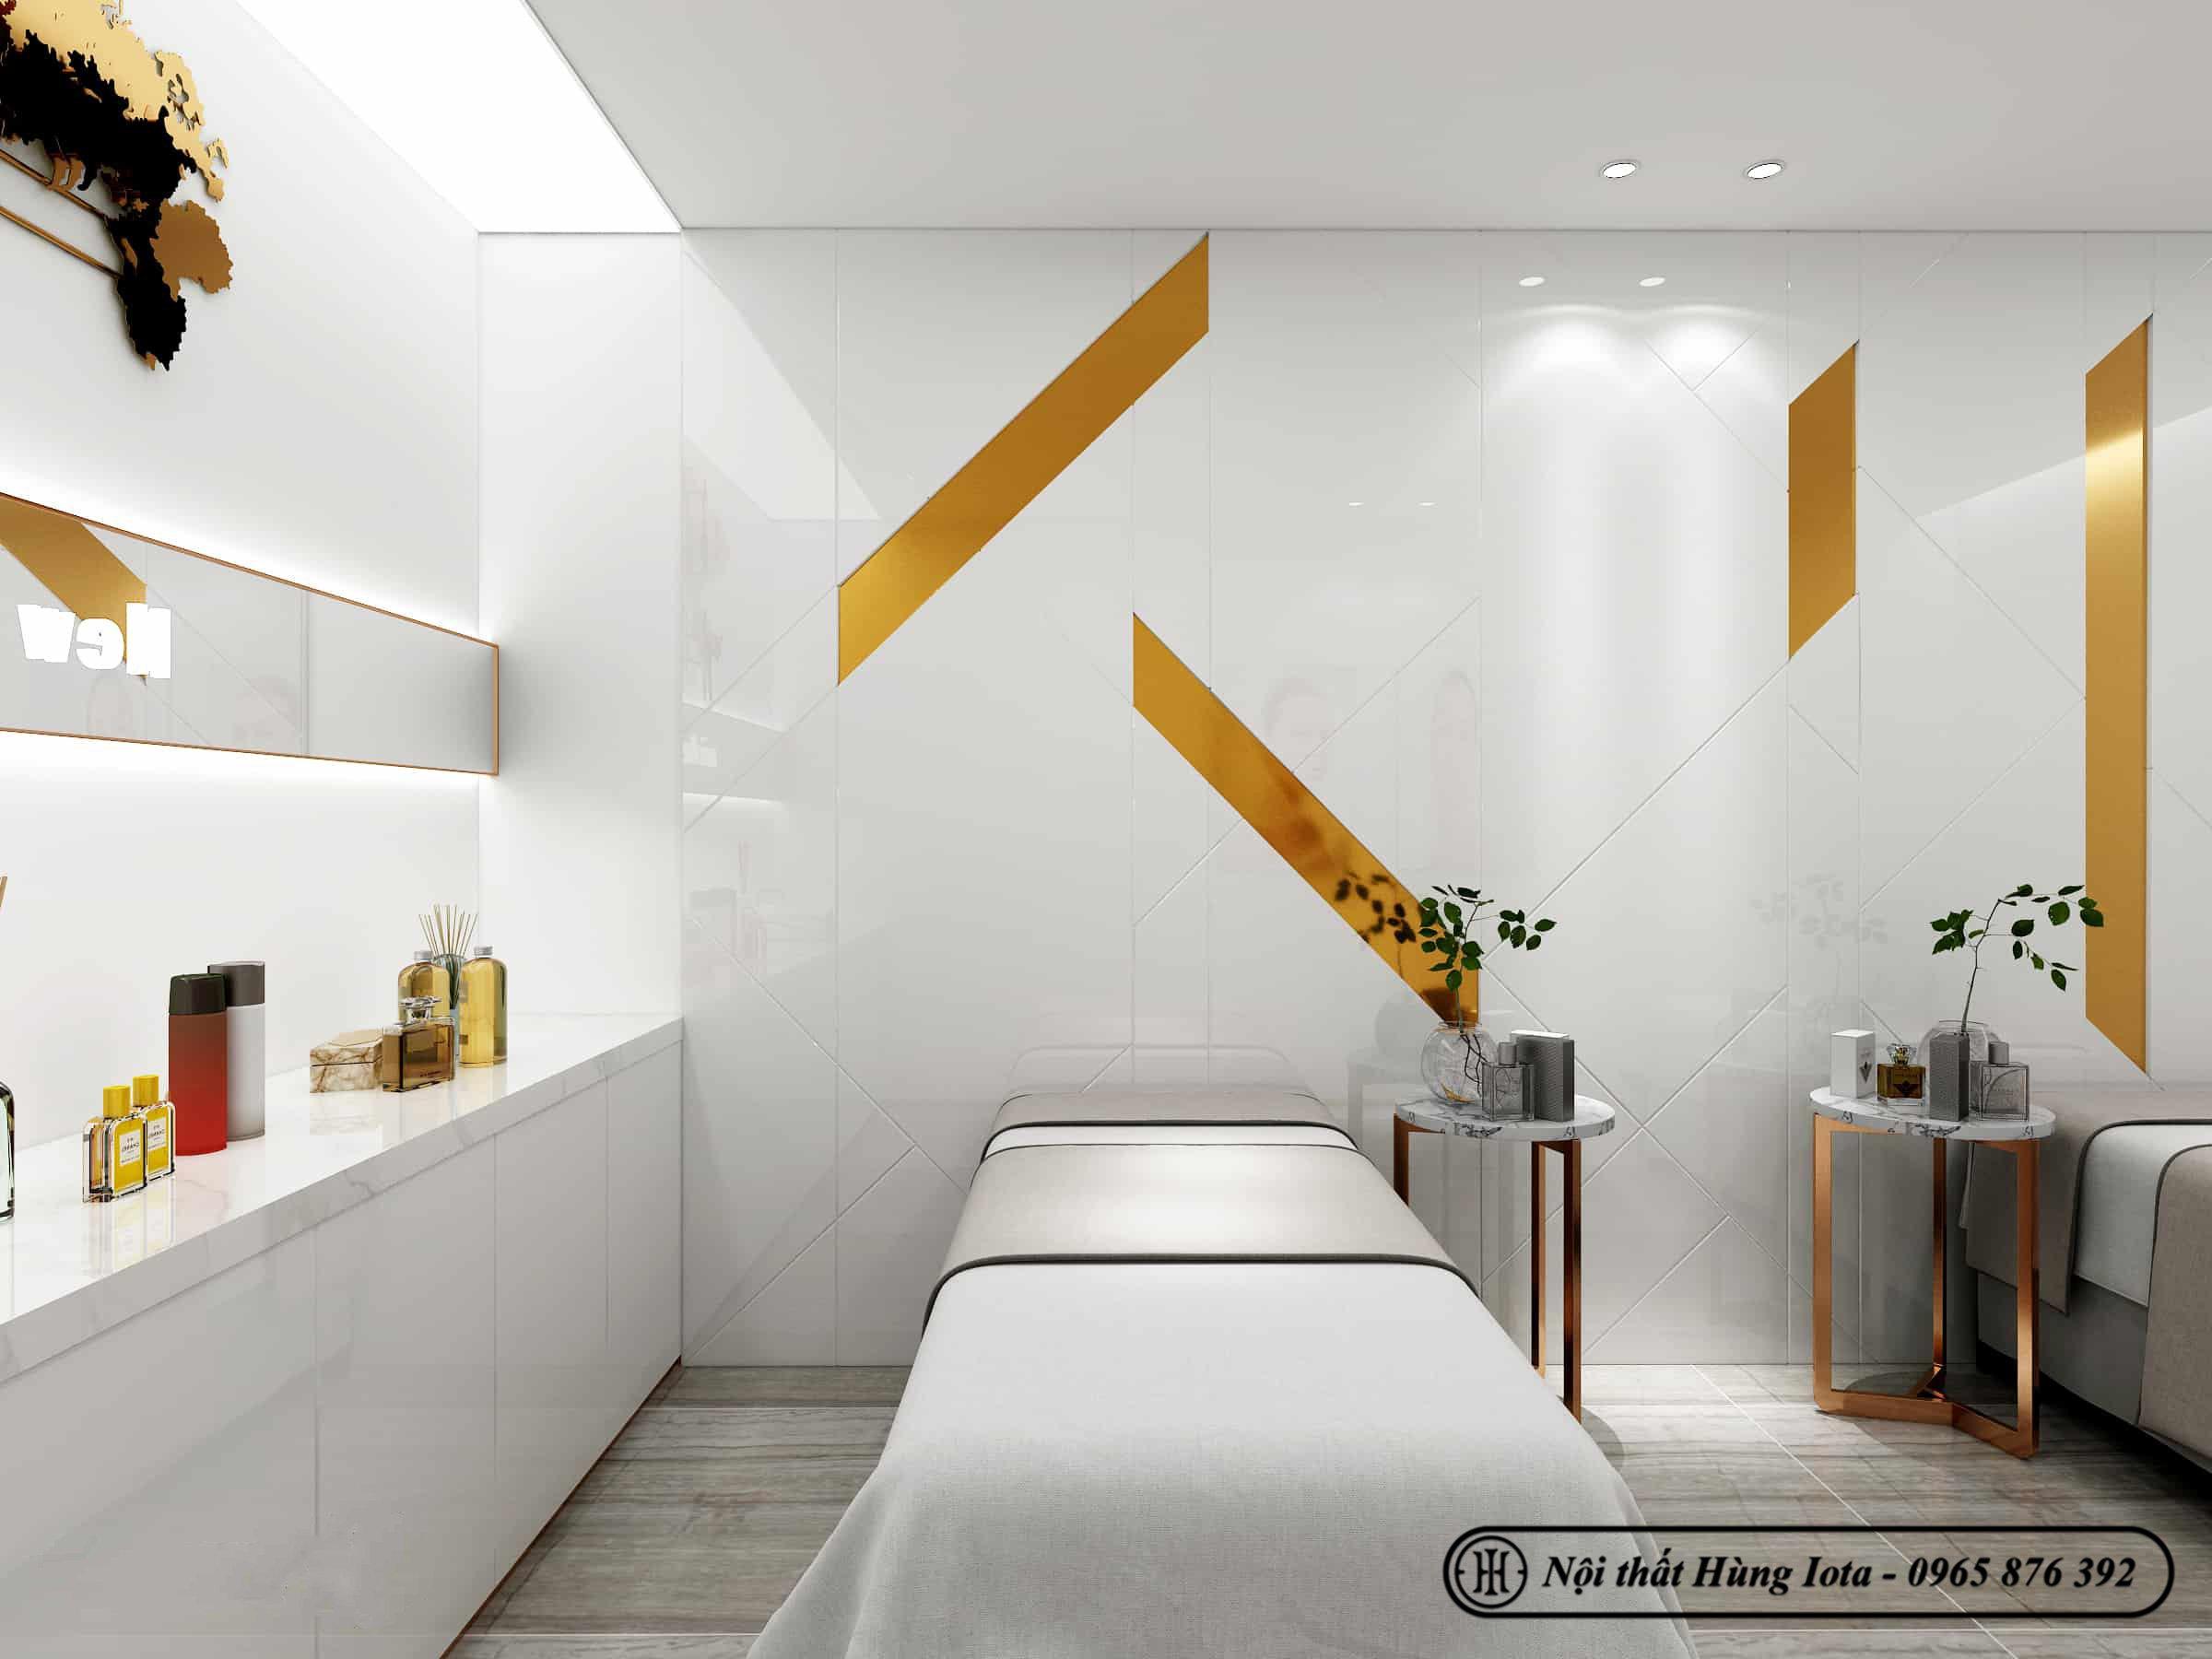 Thiết kế phòng spa nhỏ làm dịch vụ đẹp